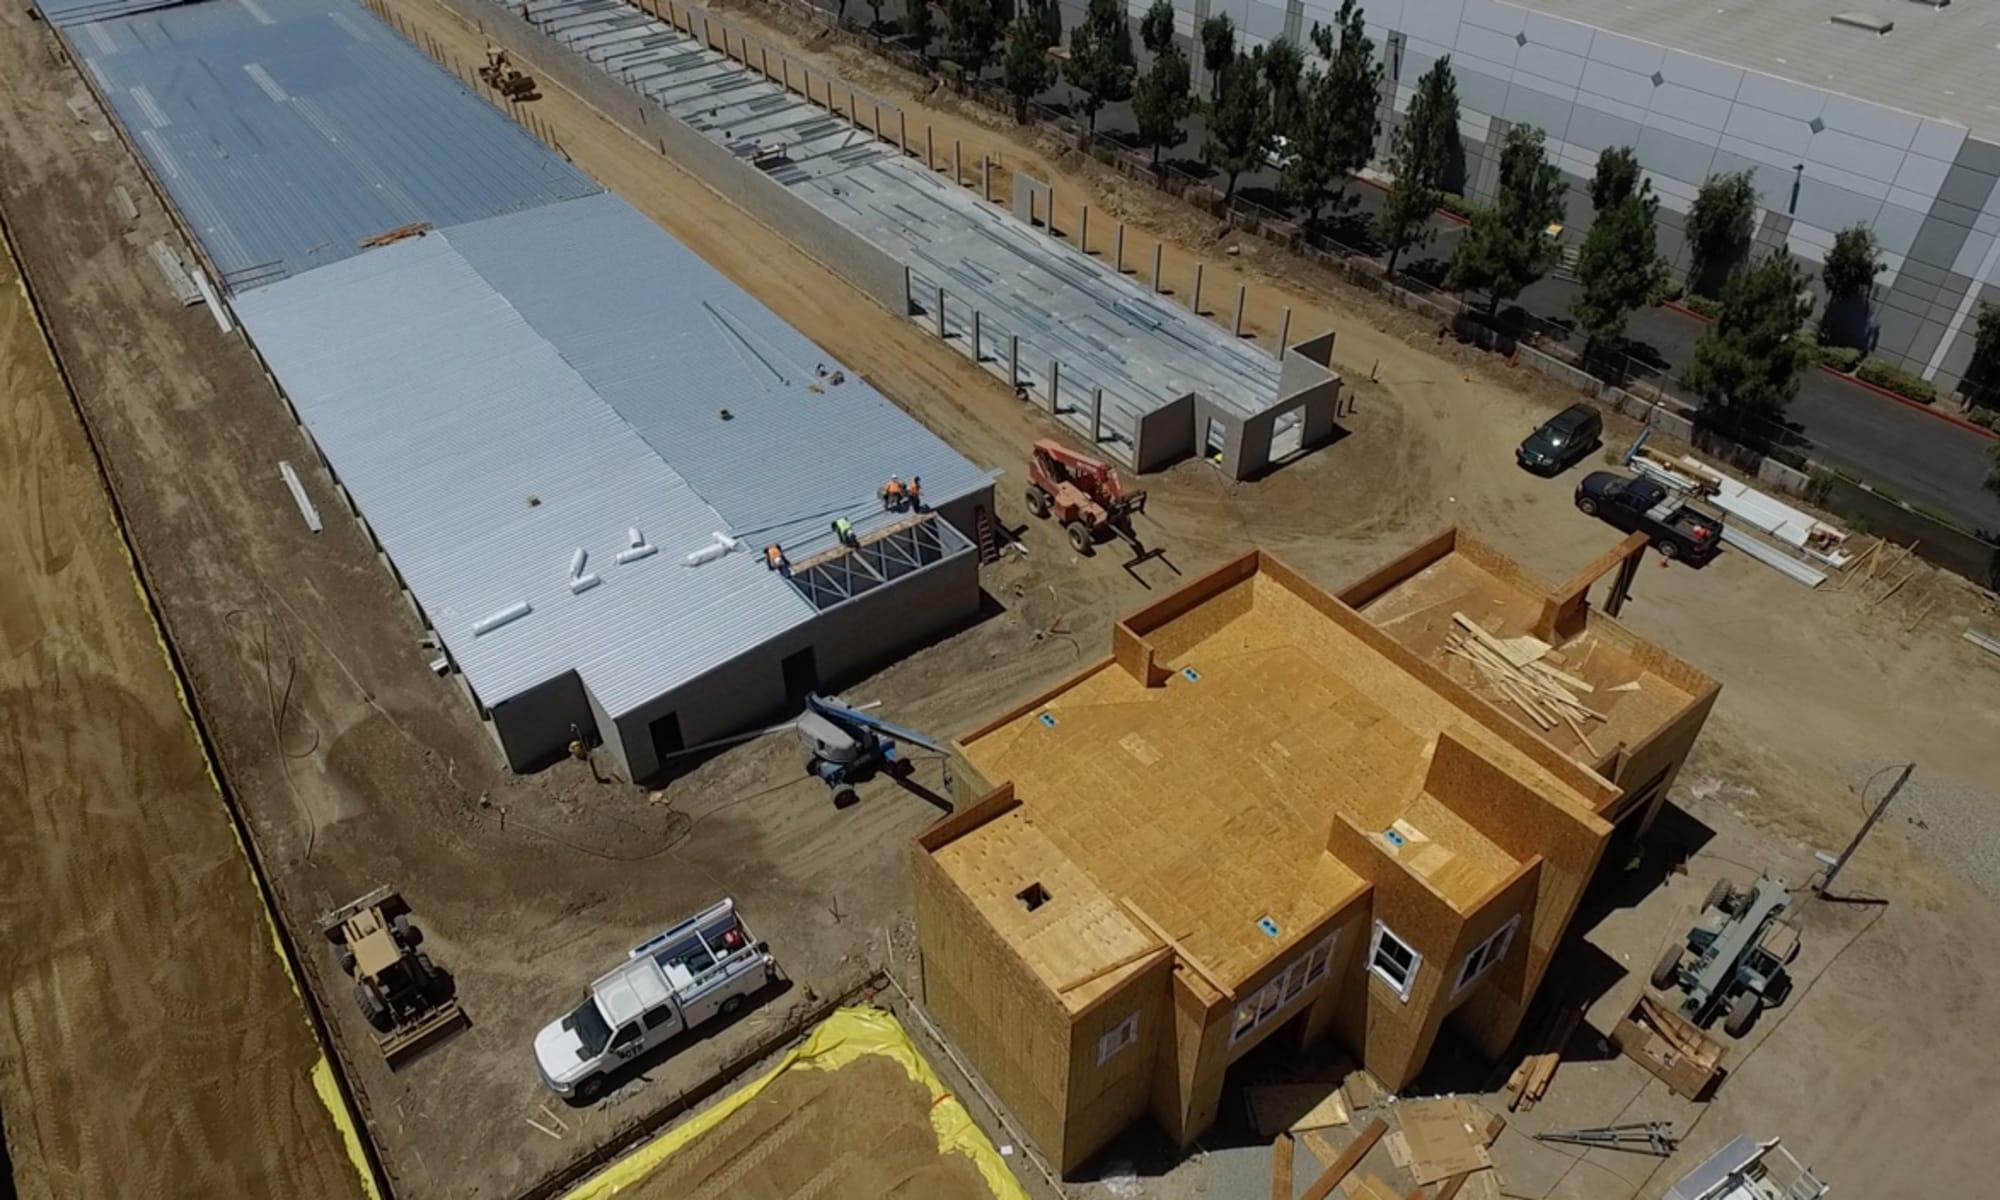 Storage at Chino Self Storage in Chino, California